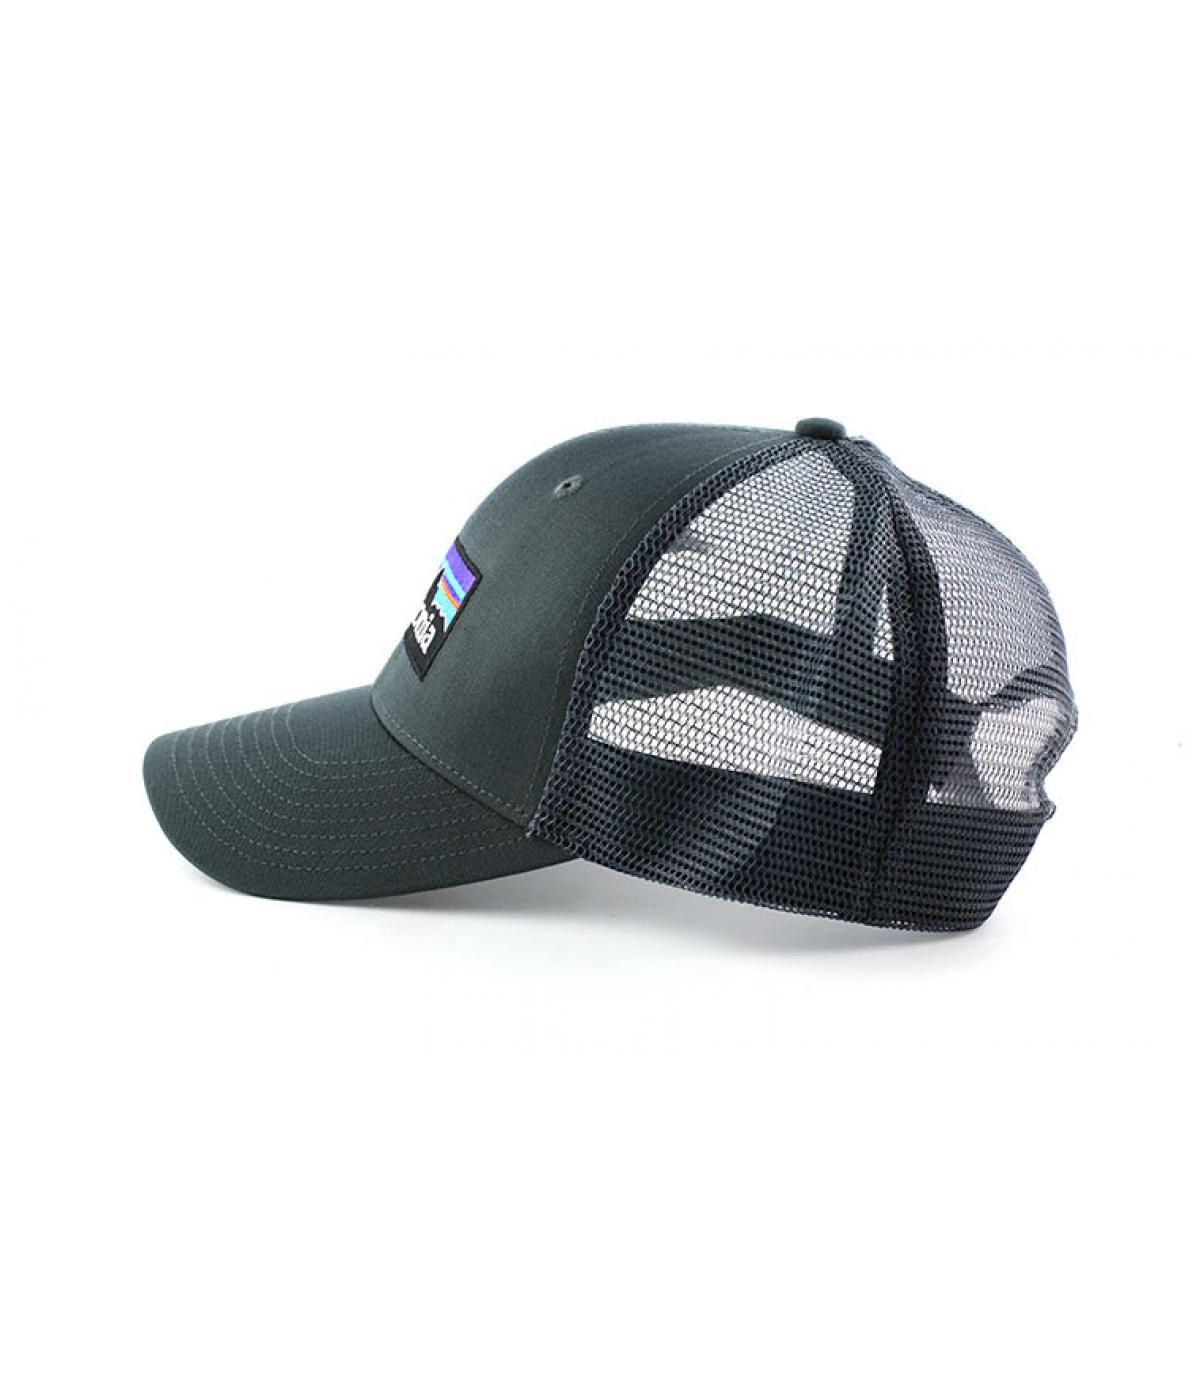 Détails P6 logo trucker hat forge grey - image 4